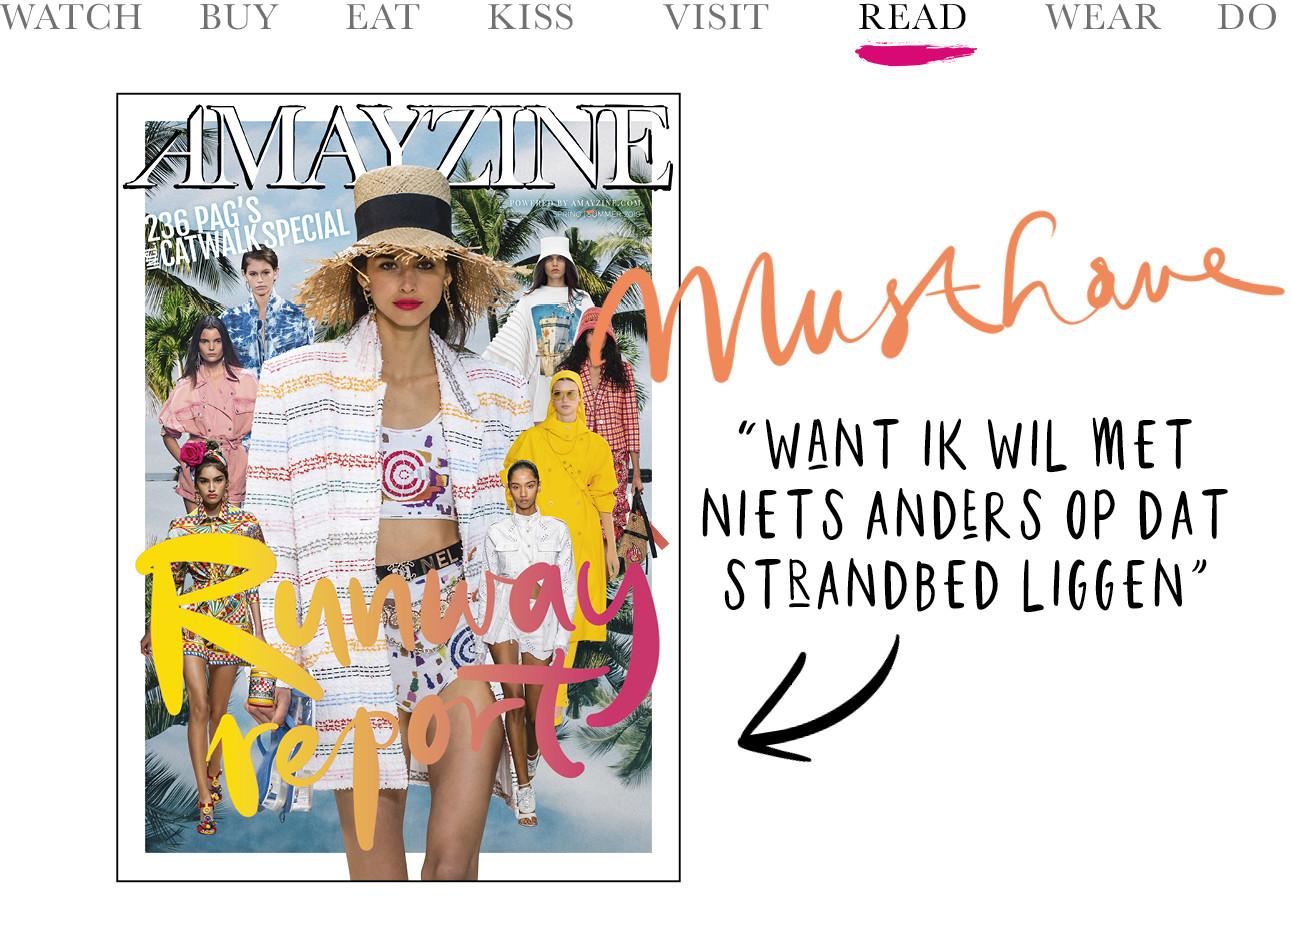 runway report van amayzine musthave om te lezen want ik wil met niets liever in dat strandbed liggen. Today we read